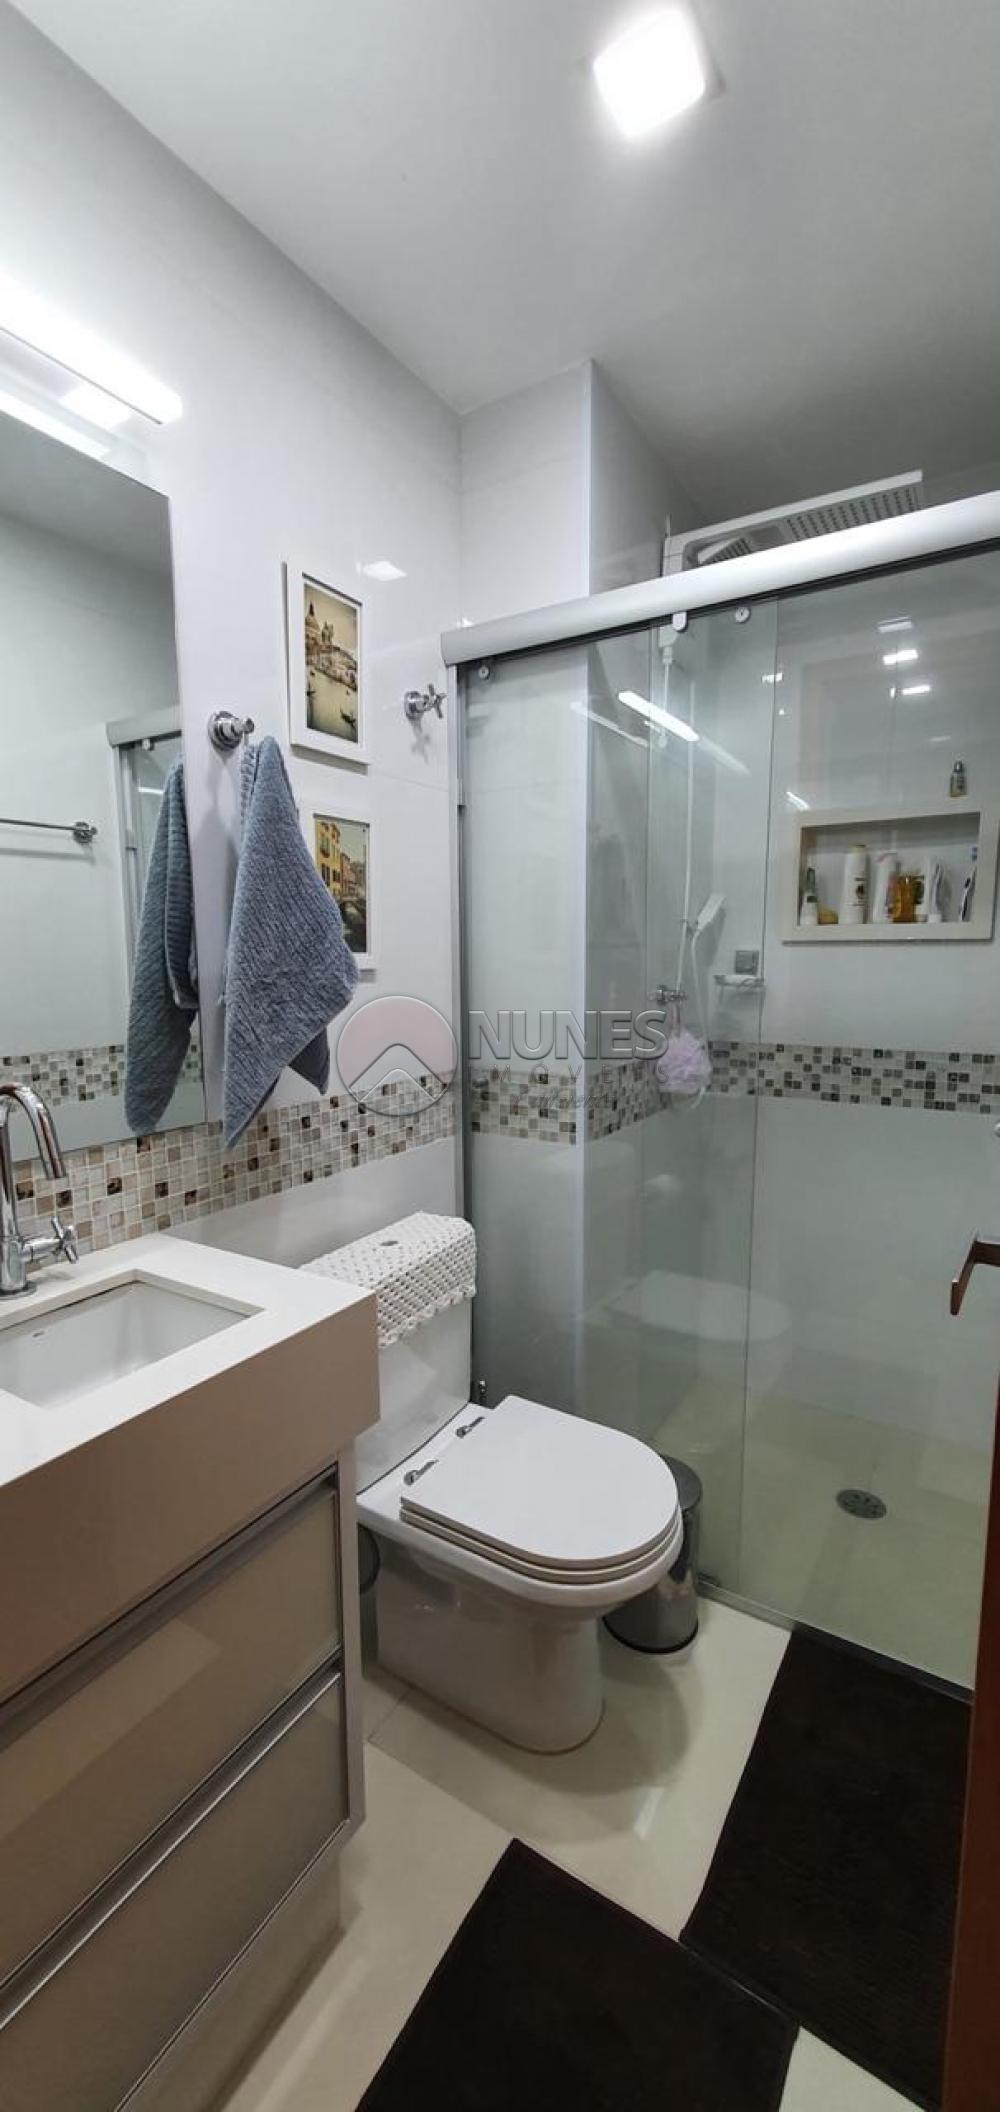 Comprar Apartamento / Padrão em São Paulo apenas R$ 405.000,00 - Foto 8